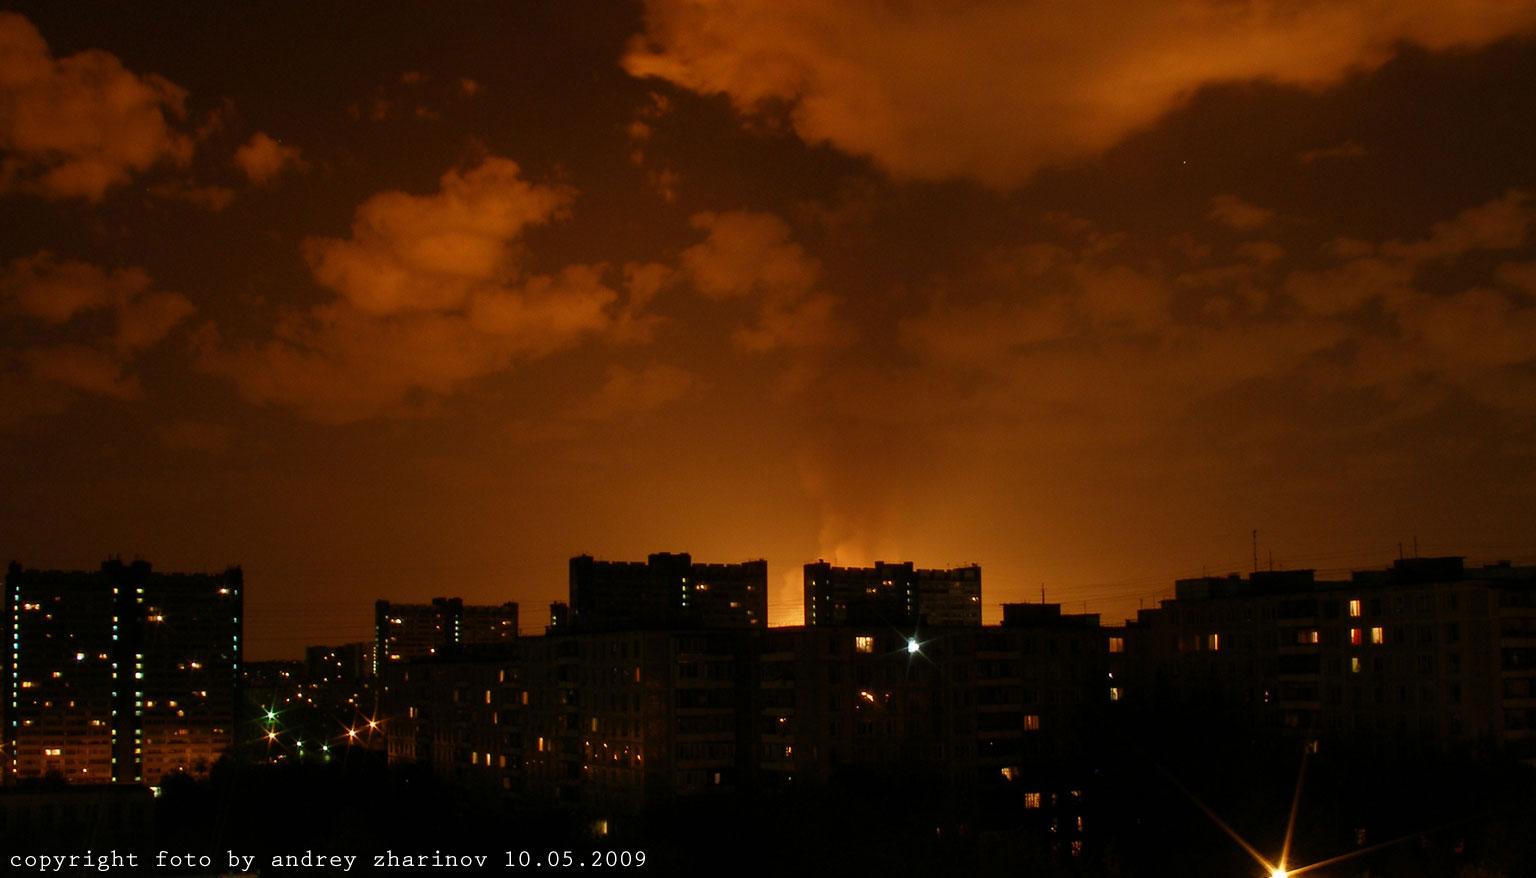 Пожар Взрыв Газа в Москве 10,05,2009